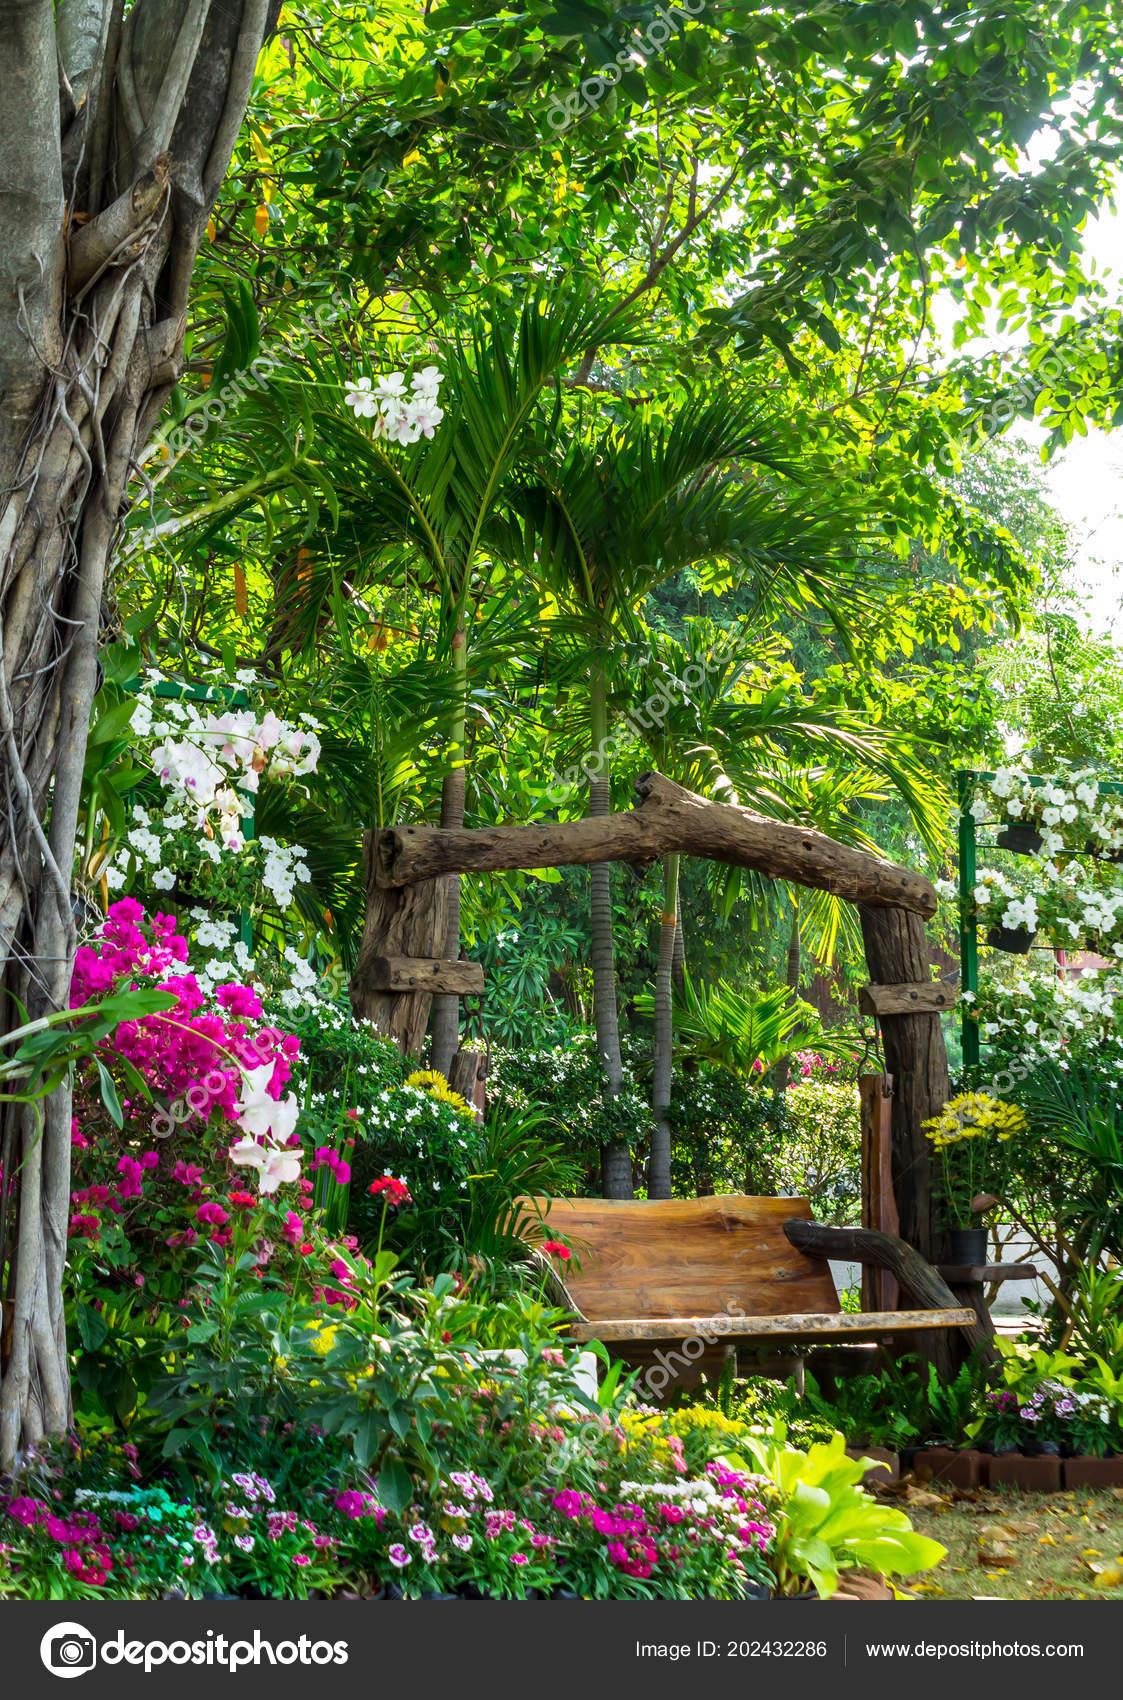 Chaise Bois Dans Jardin Fleurs Maison Confortable Été ...